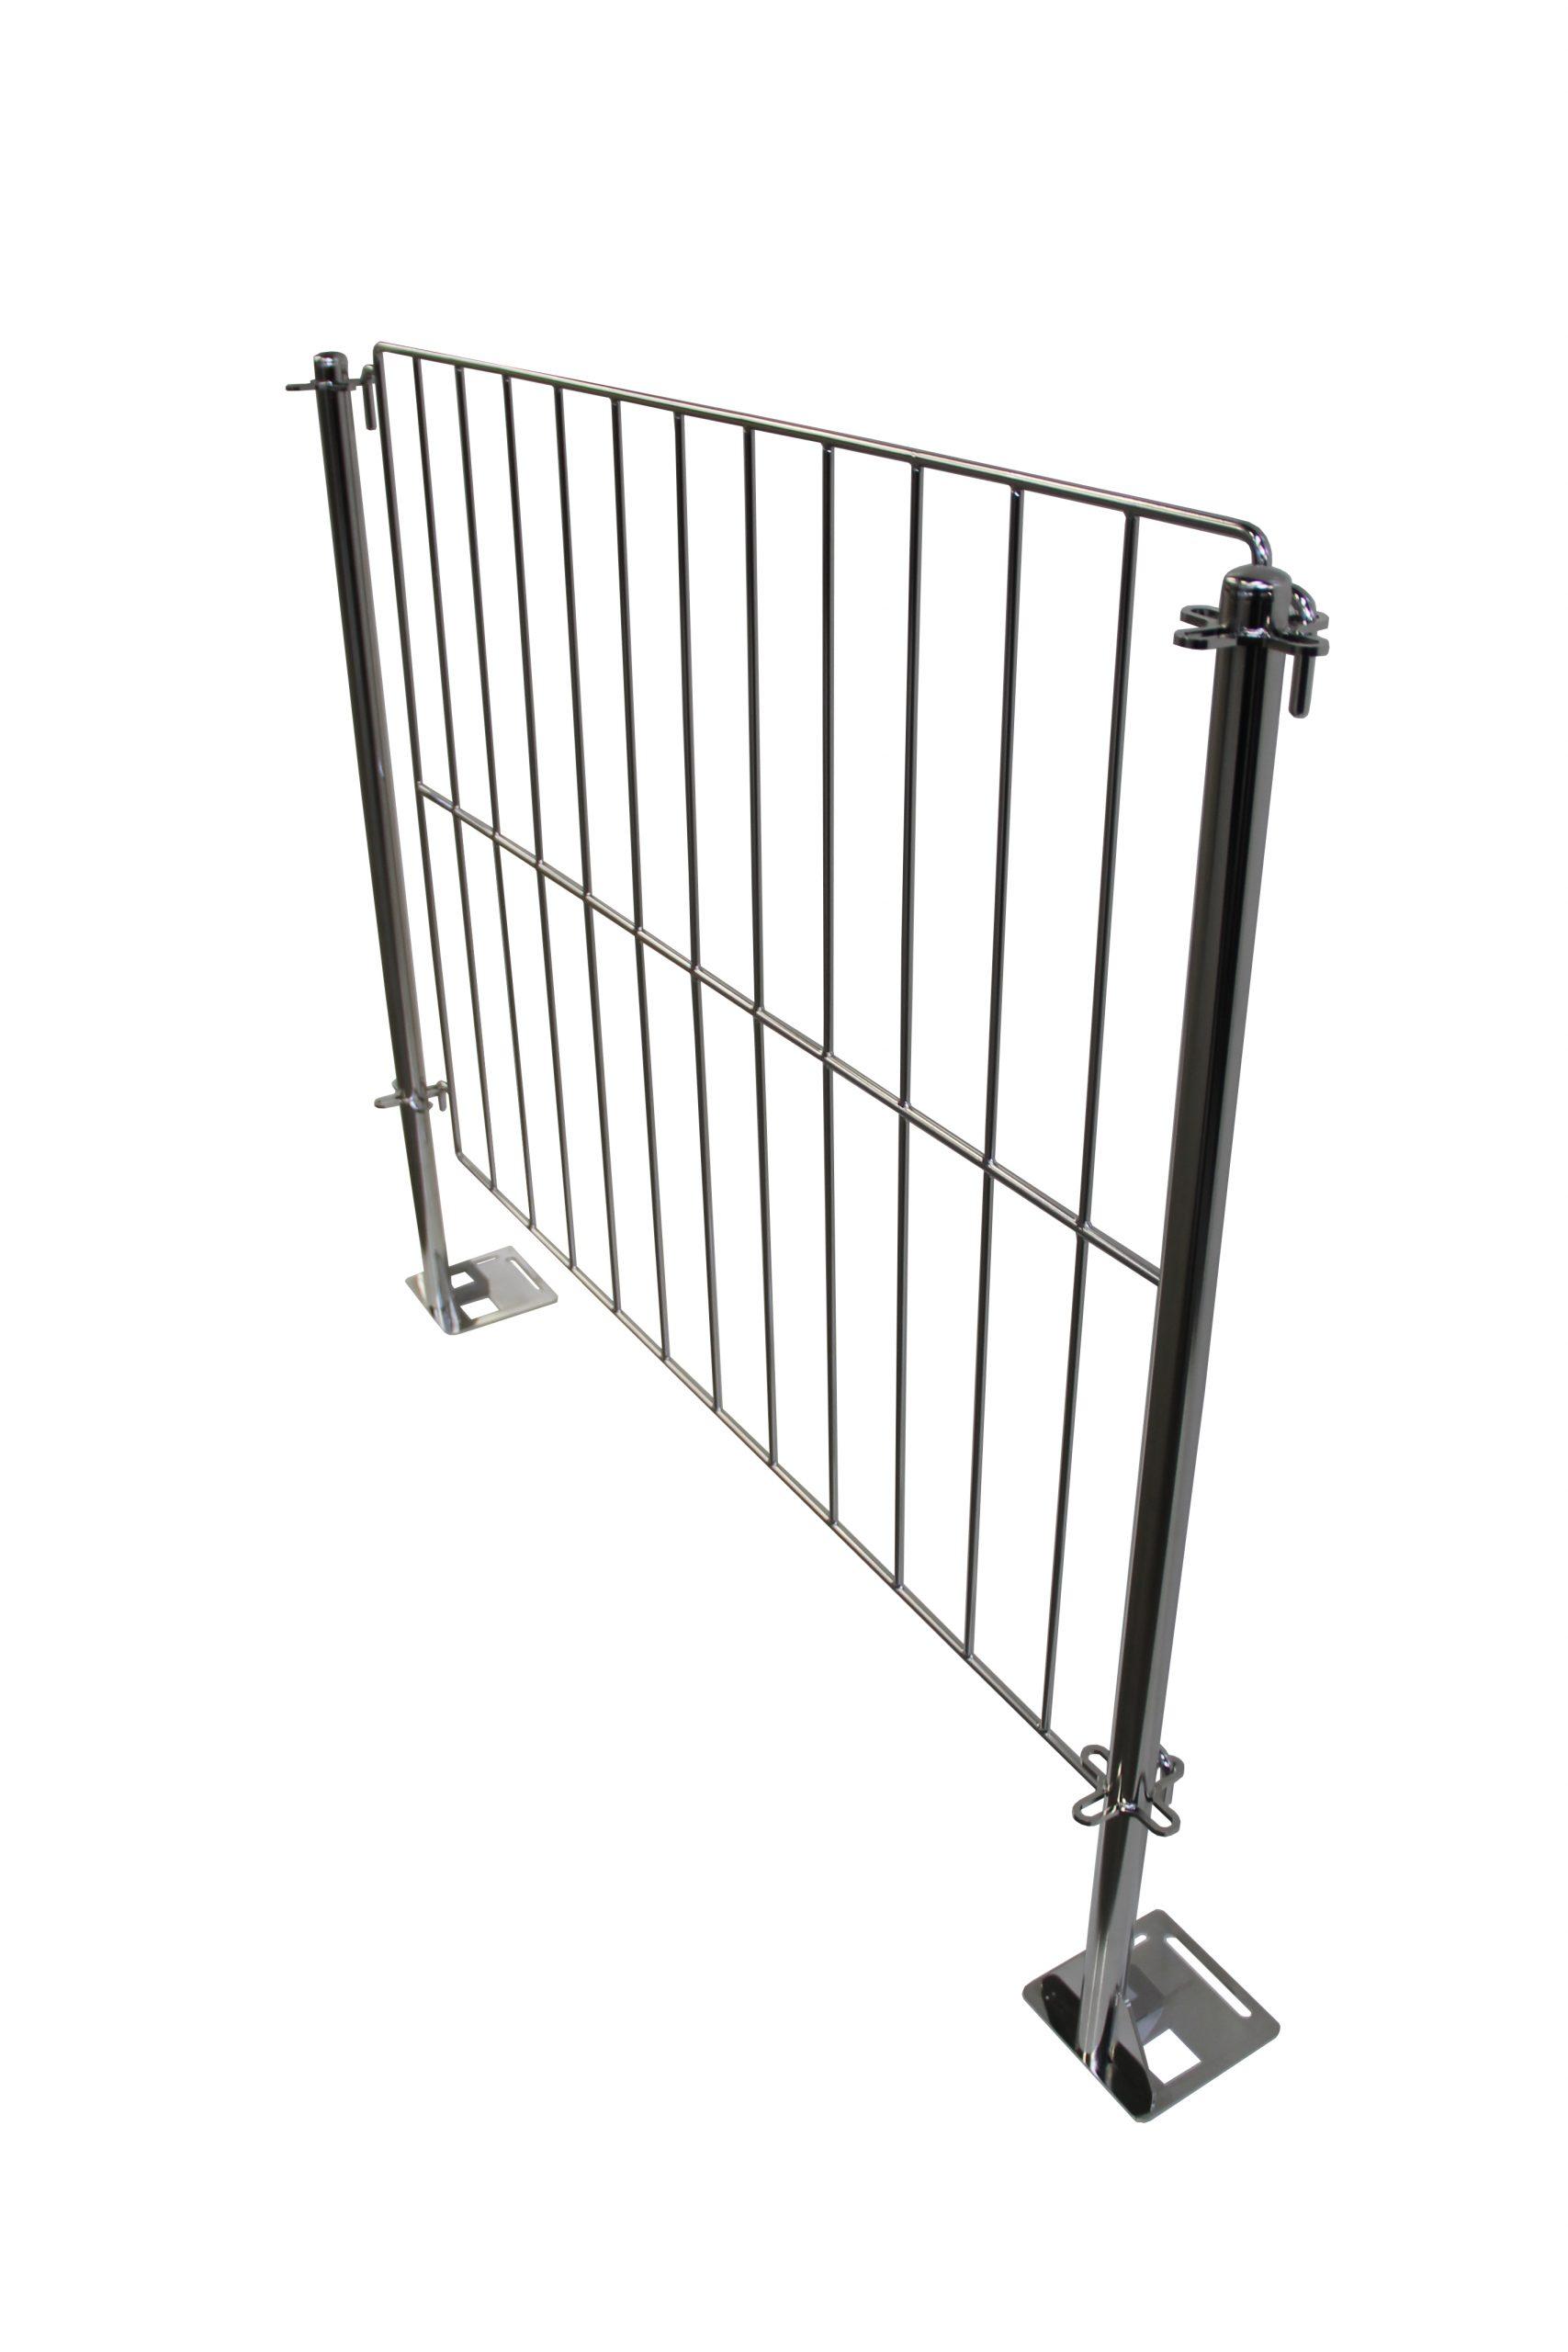 Barriere De Protection Multidirectionnelle Profil